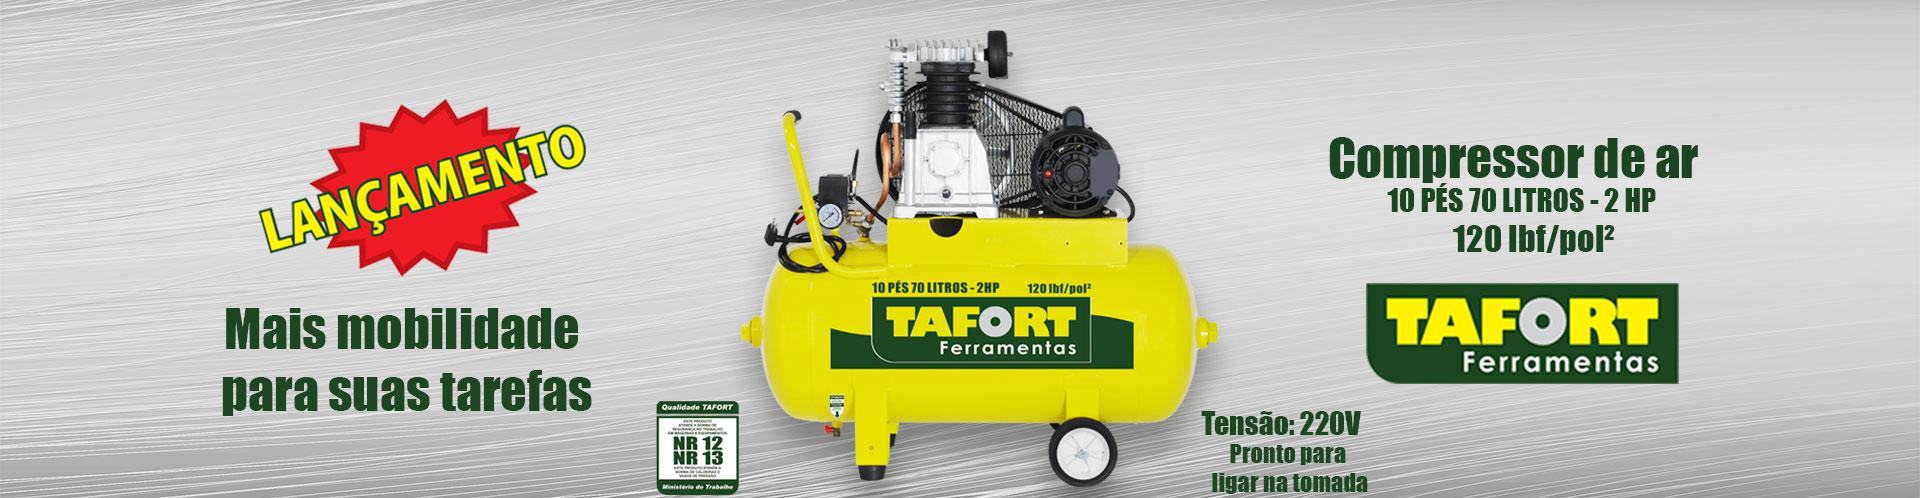 Compressor Tafort